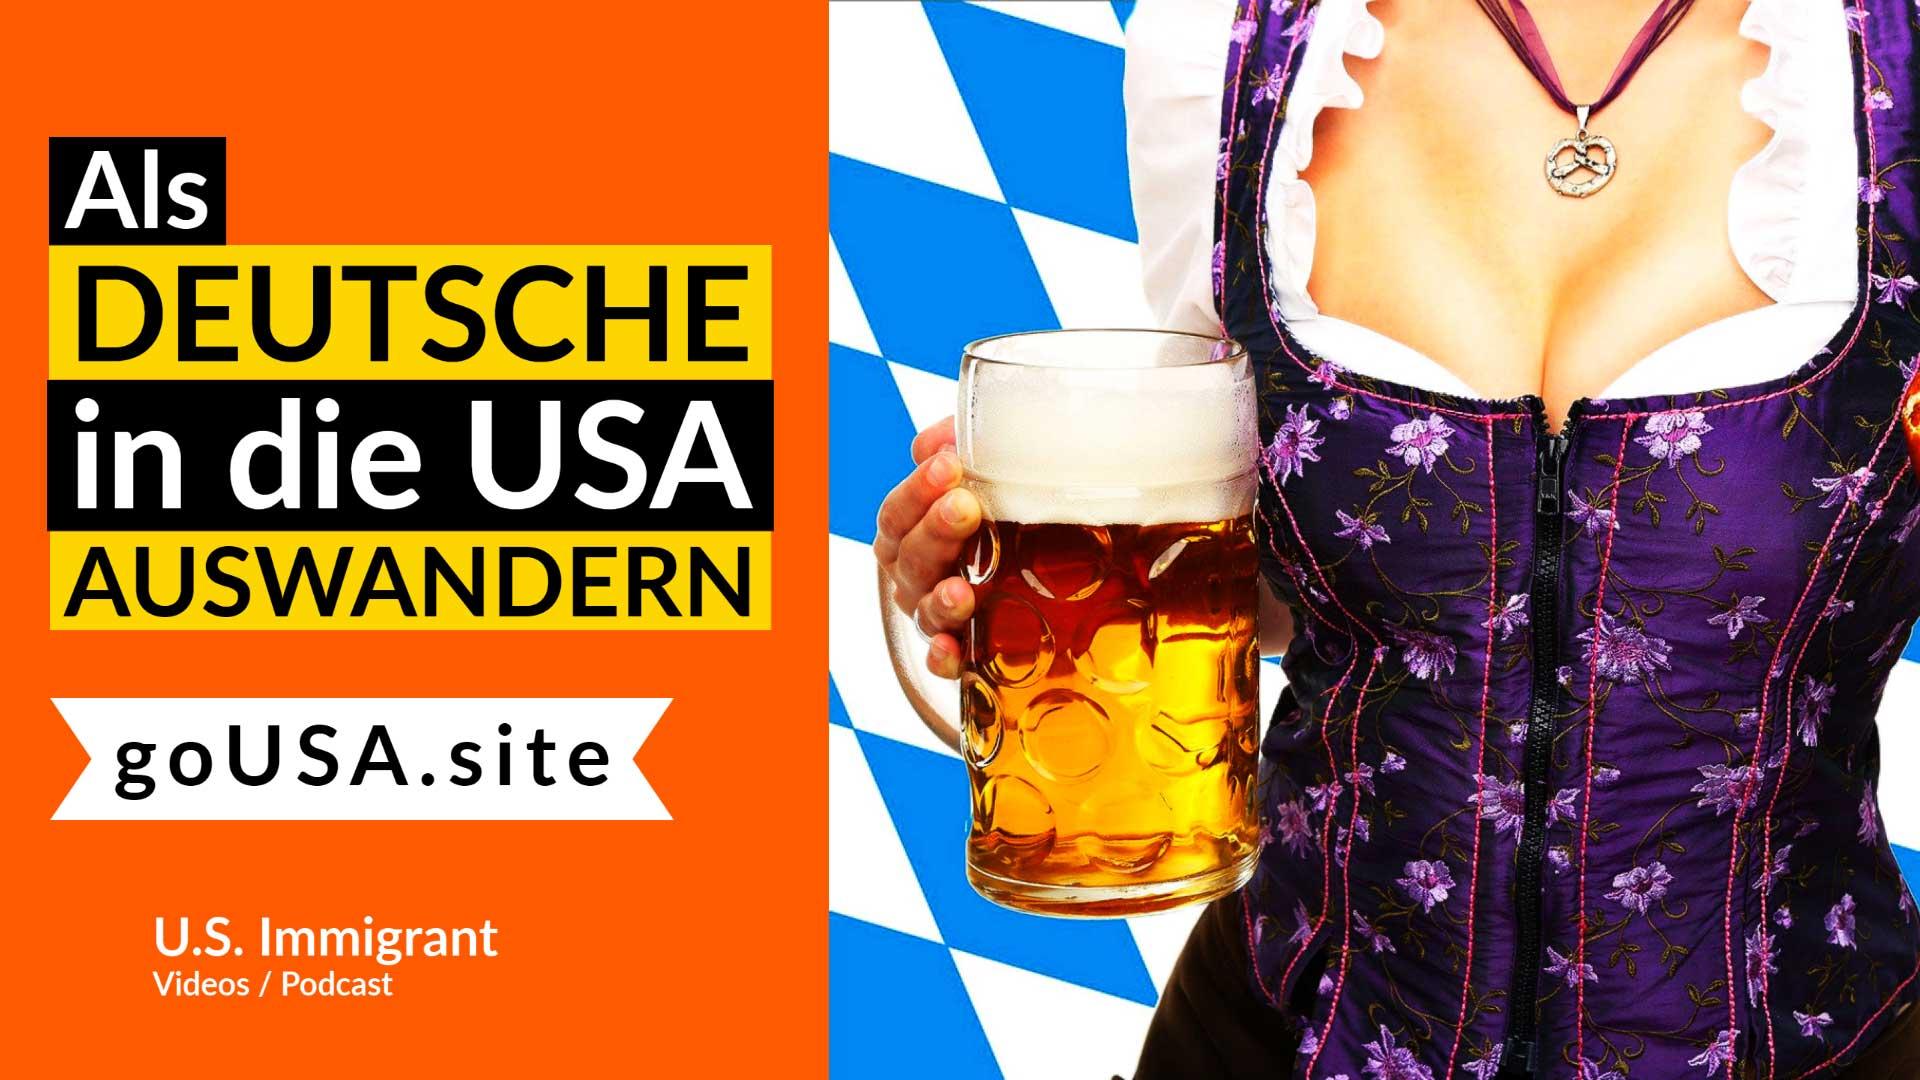 Als Deutscher in die USA auswandern